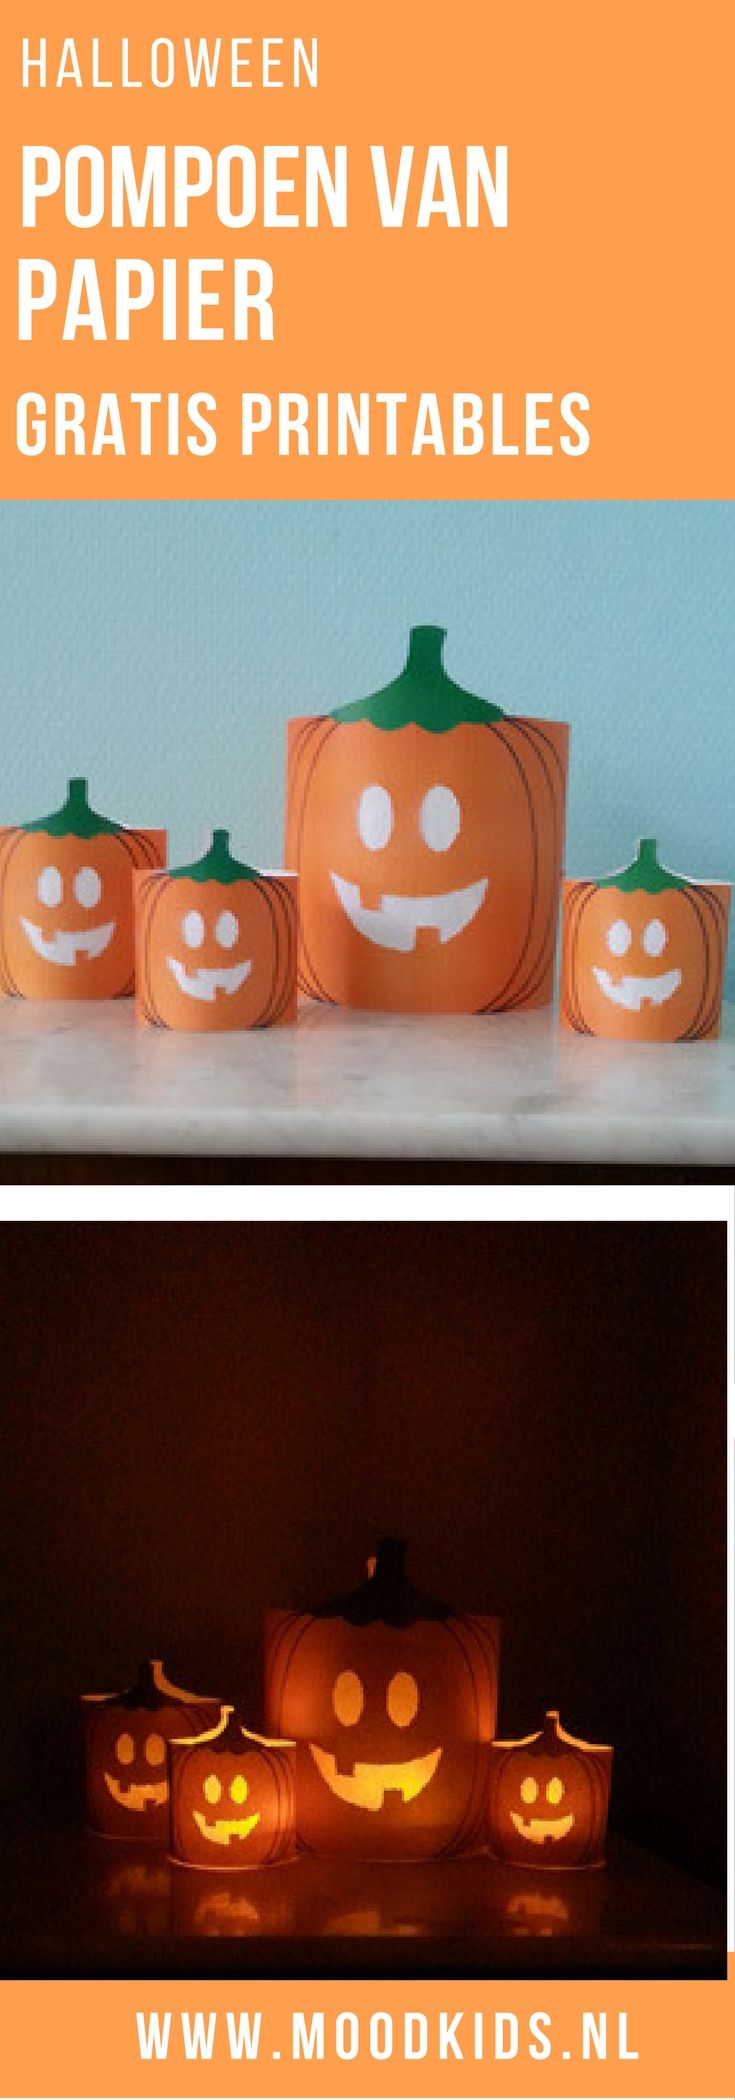 Halloween vraagt om een verlichte pompoen. Die kun je snijden uit een echte of je maakt deze pompoen van papier. Met deze gratis printables leuk om te doen!